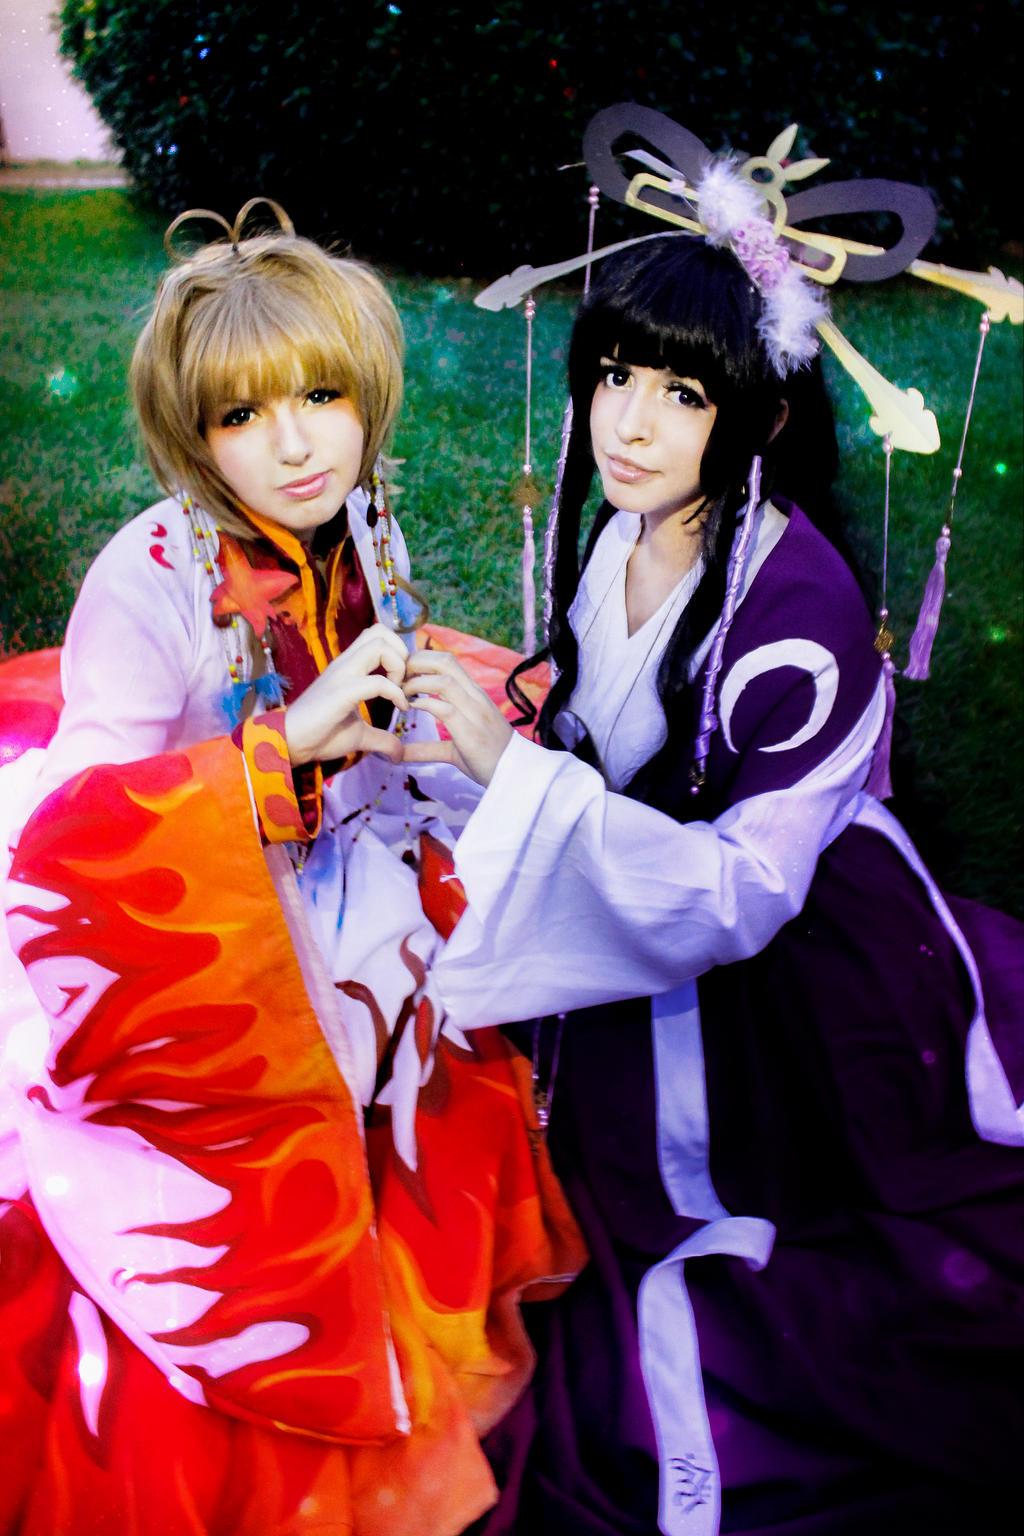 I love you Sakura-chan!